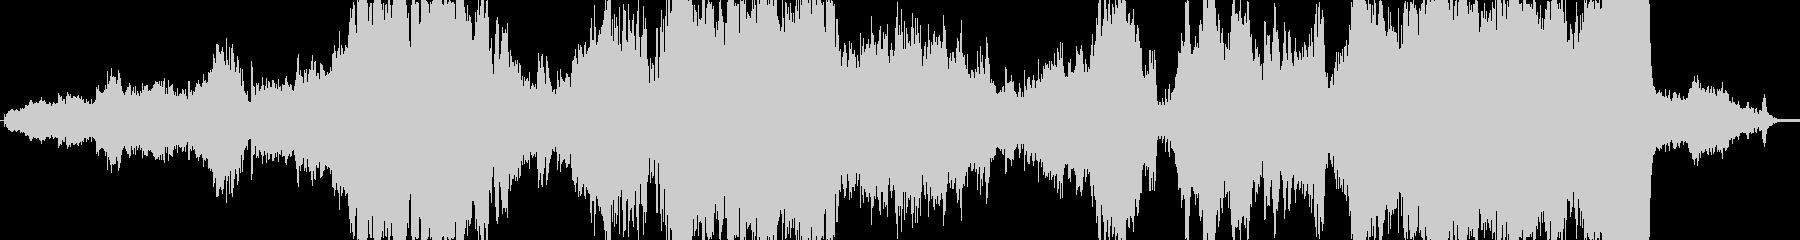 ファンタジーなオーケストラ組曲の未再生の波形